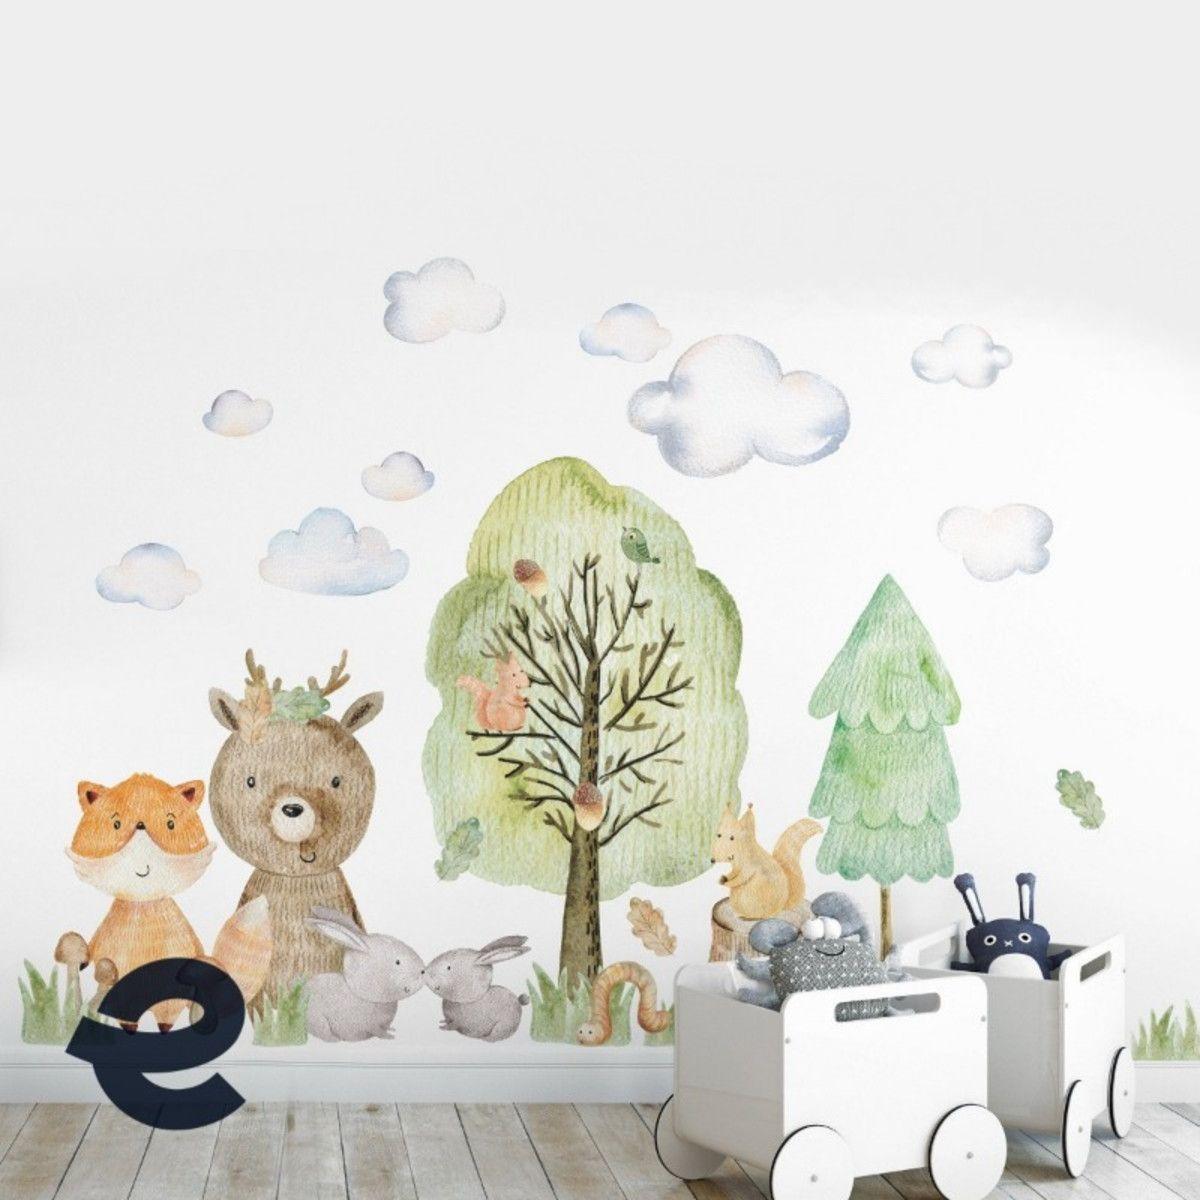 Adesivo kit infantil aquarela árvore floresta animais zoo